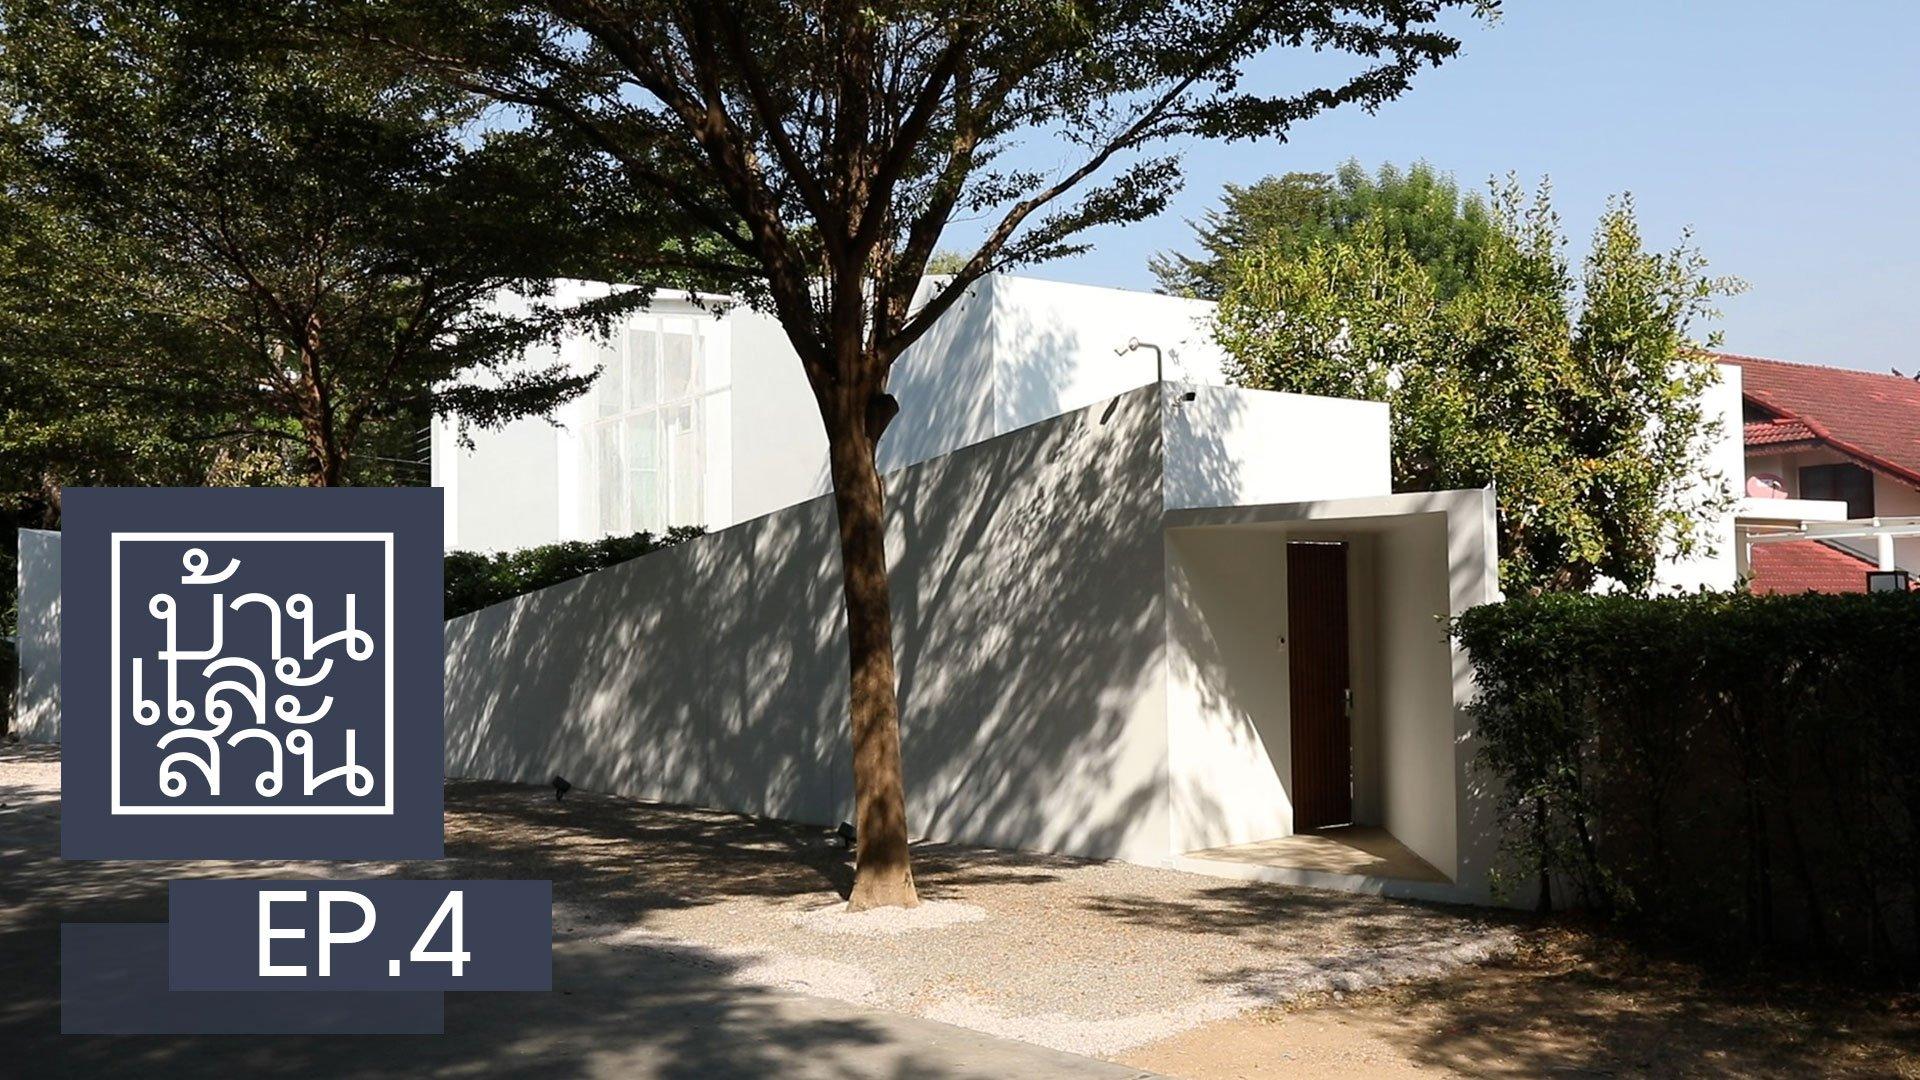 บ้านและสวน   EP.4   1 มี.ค. 63   AMARIN TVHD34